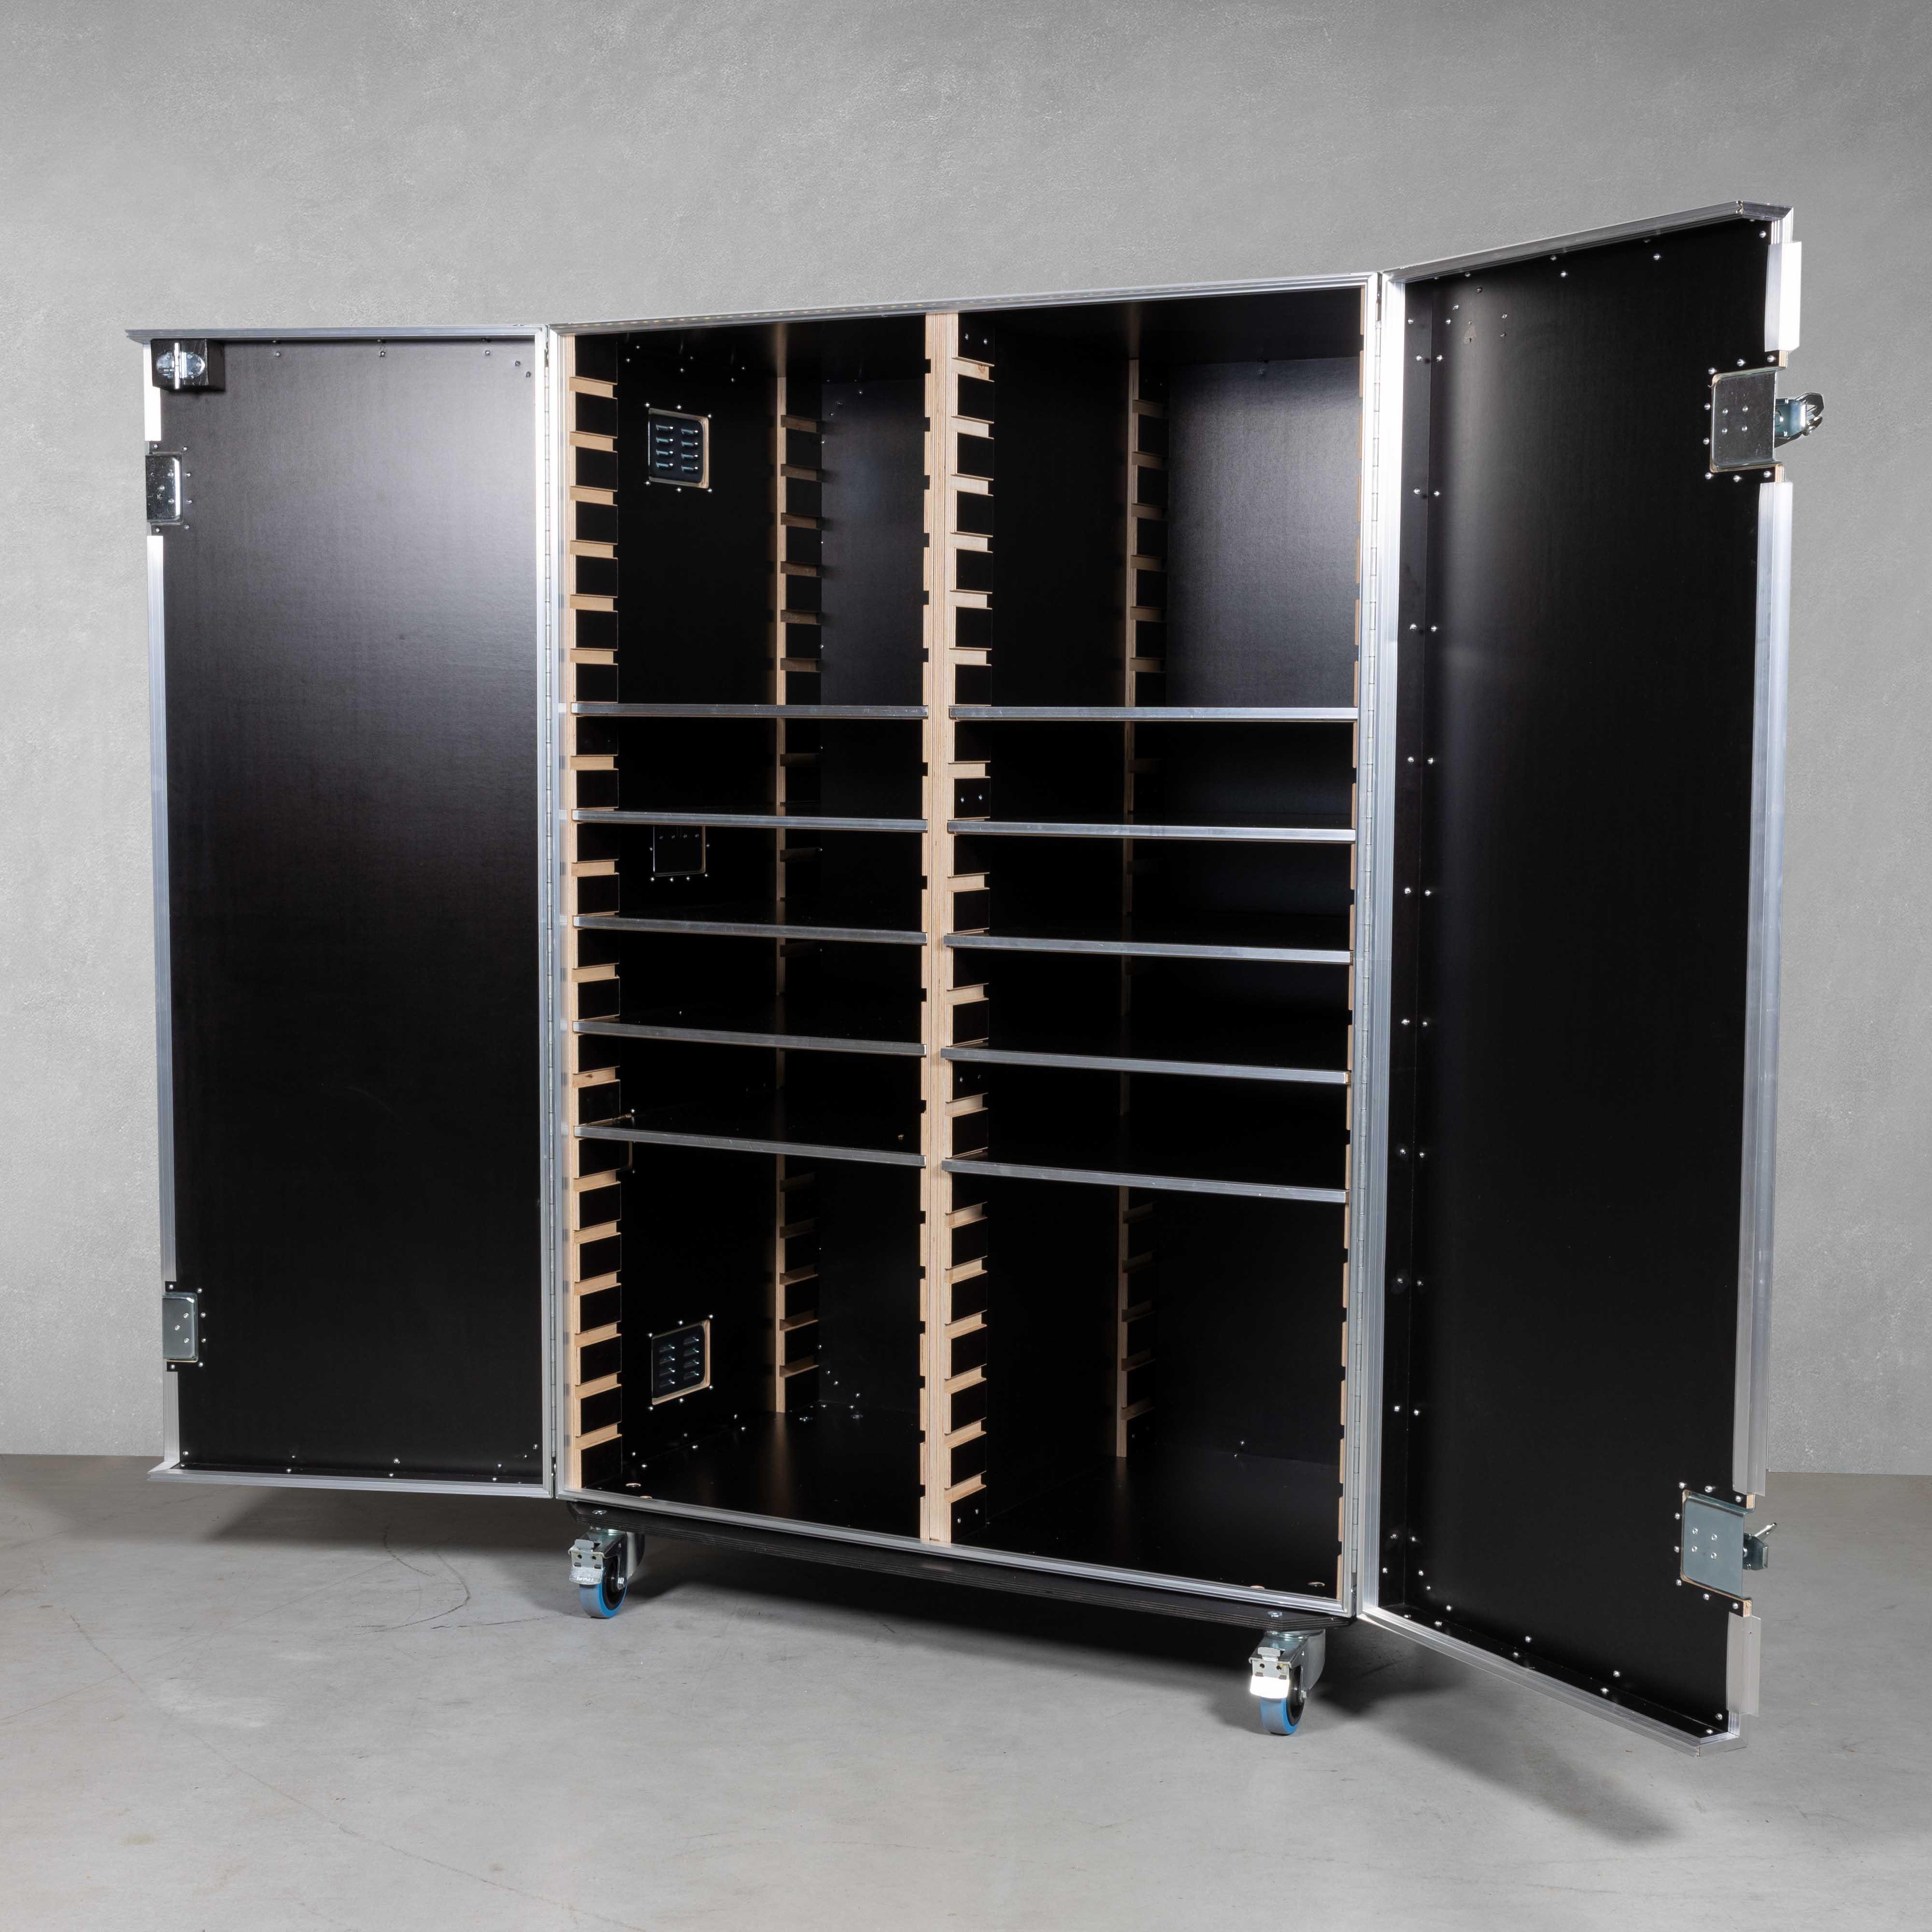 Flex-Schrankcase groß(mit Mittelwand)